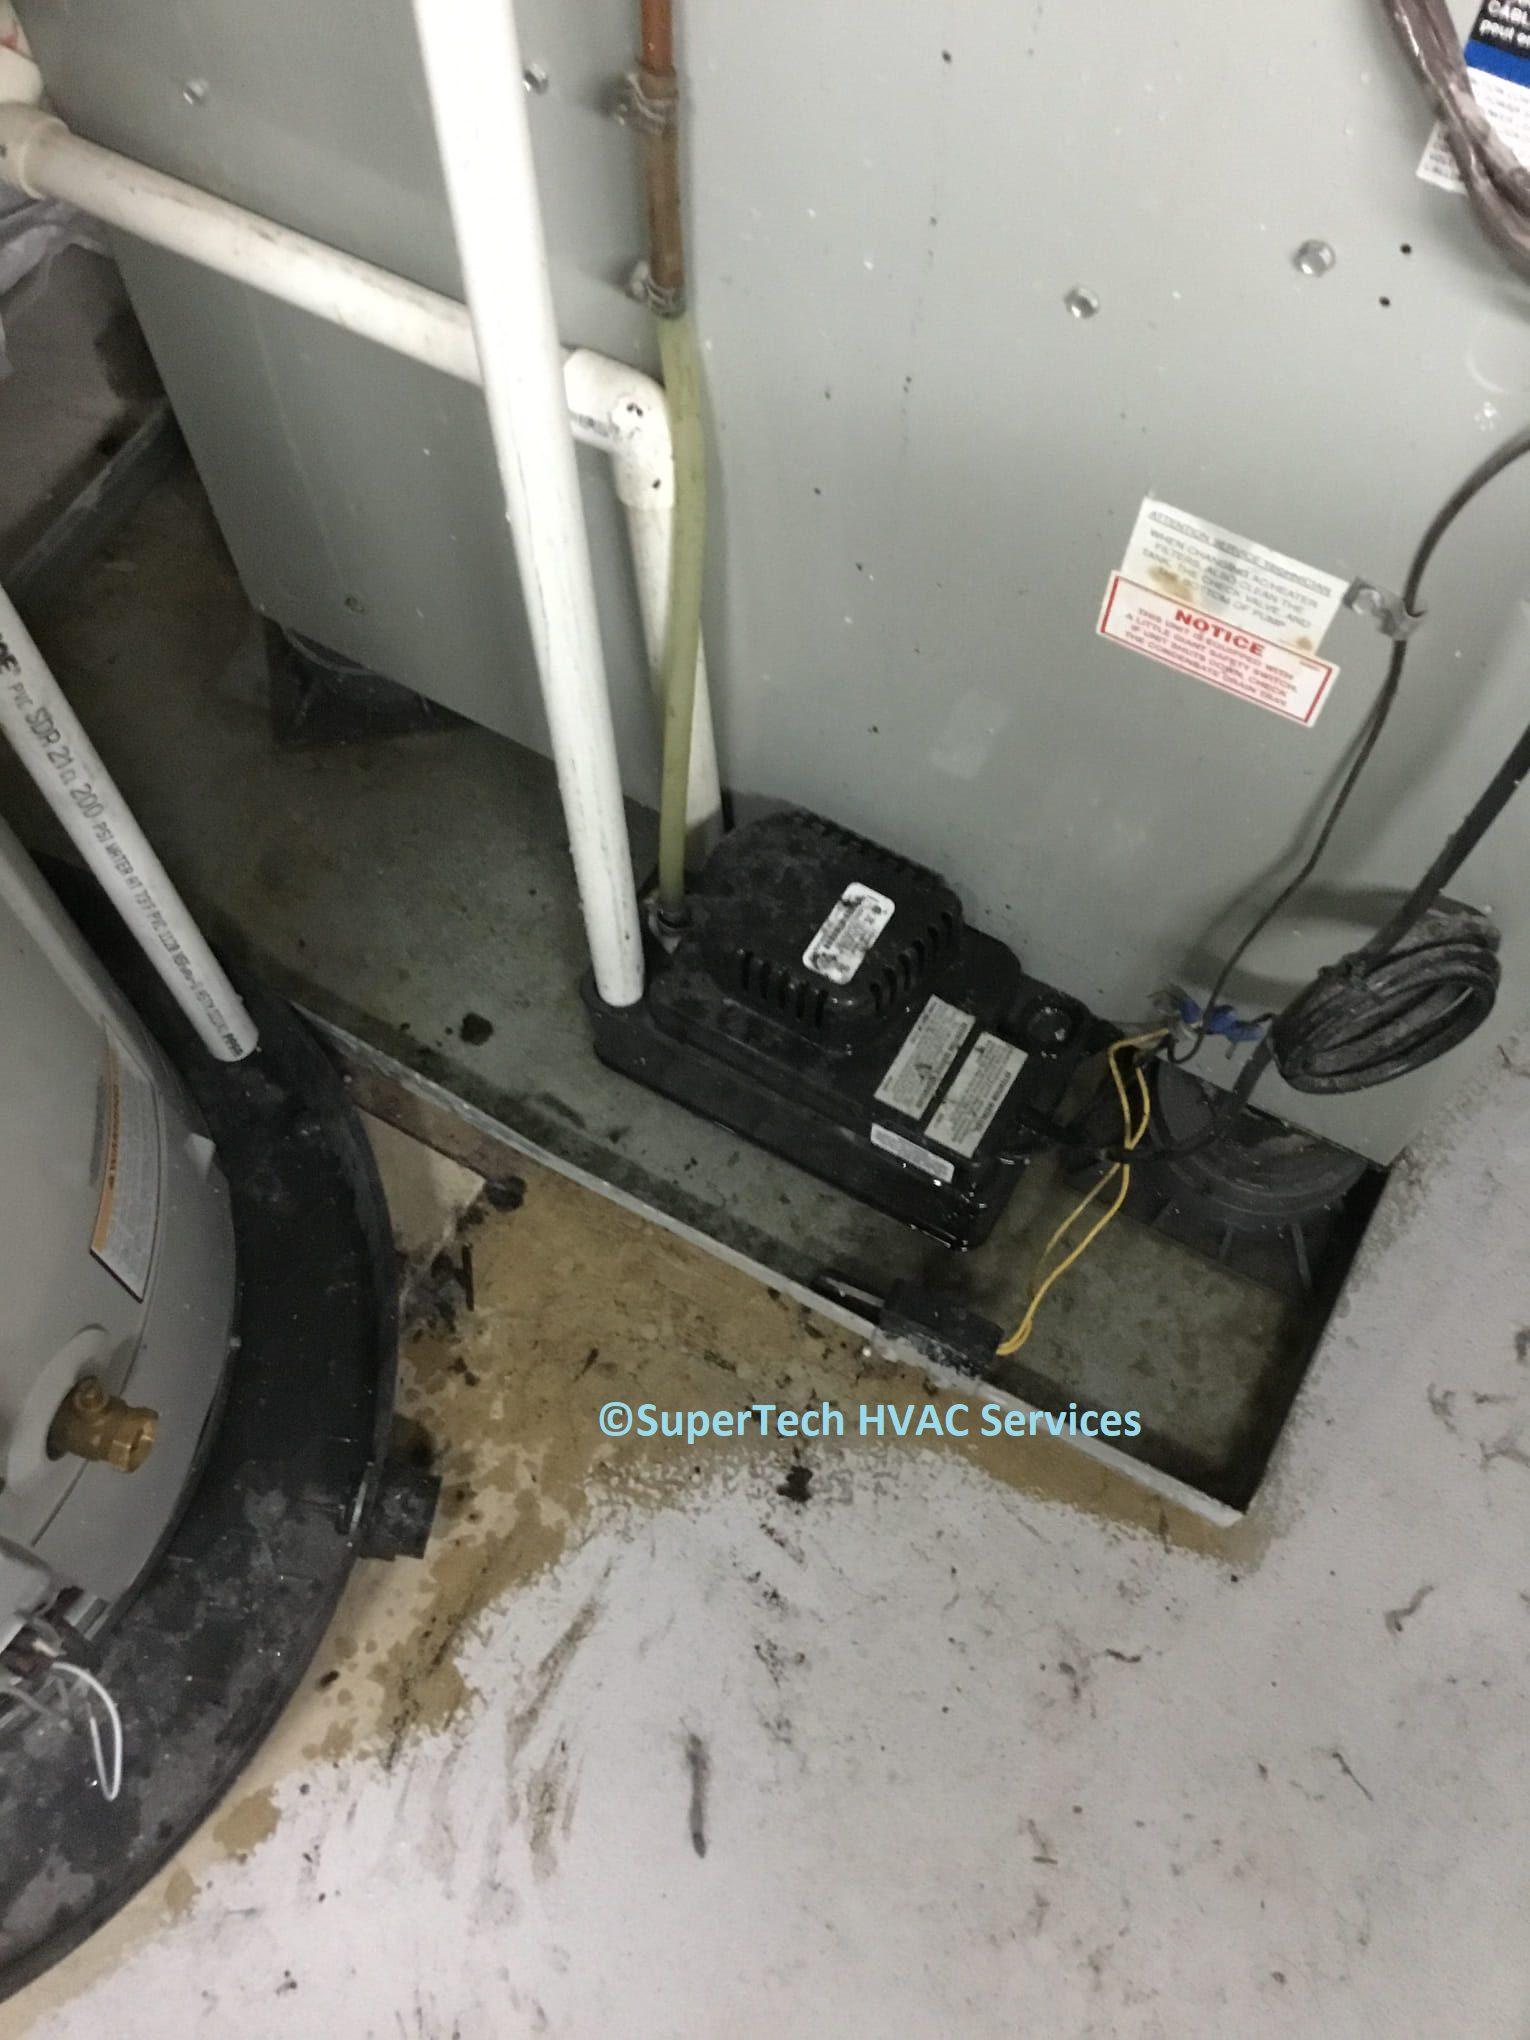 condensate pump leaking water